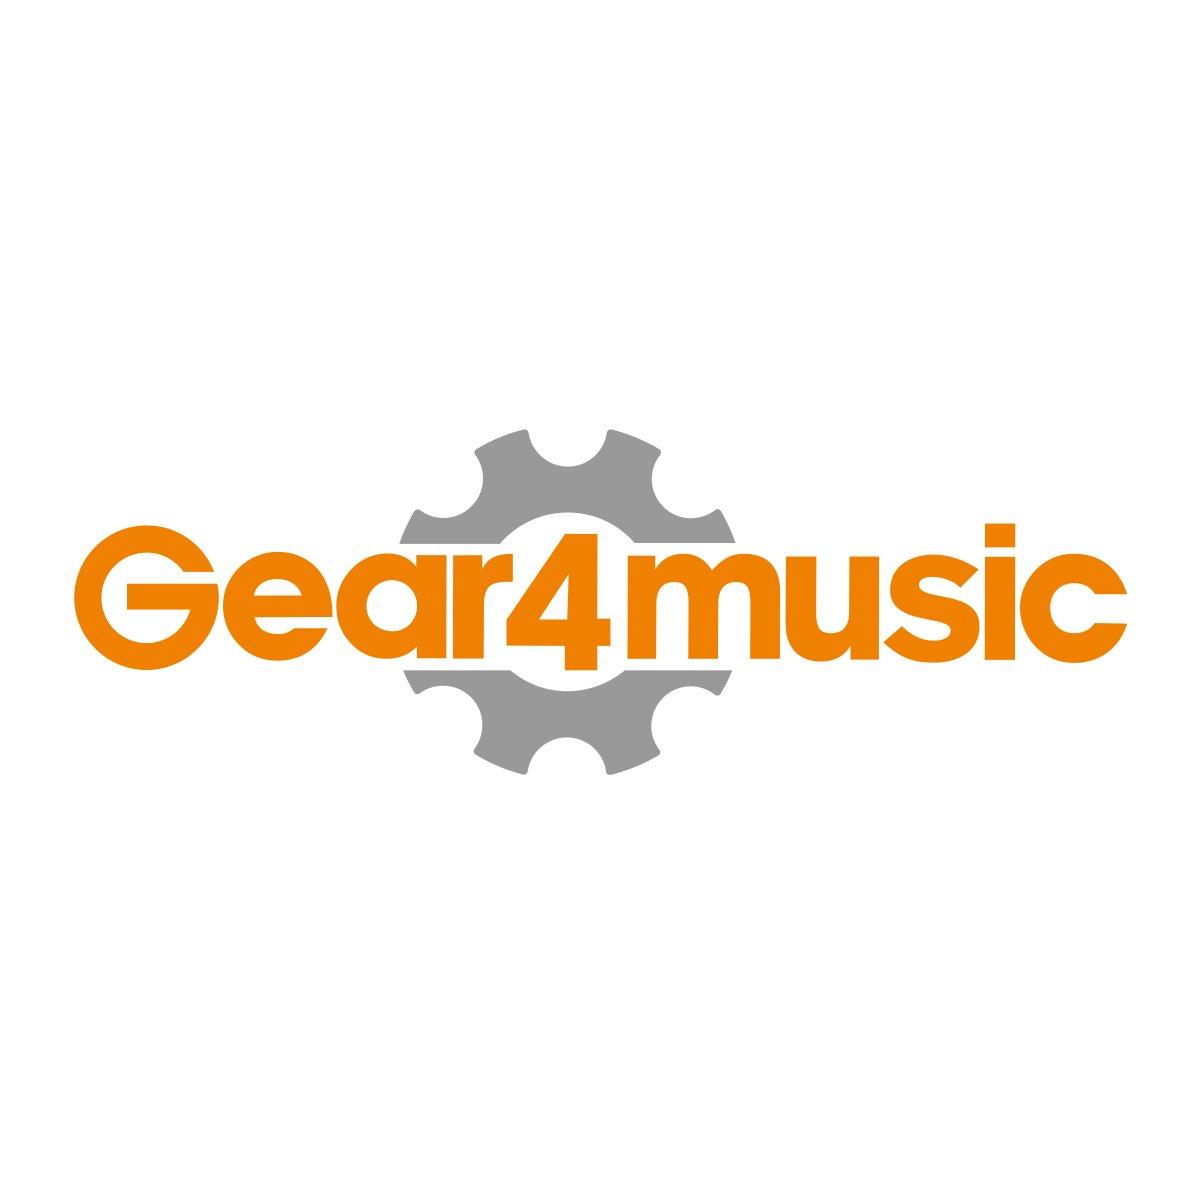 Deluxe akustická/elektrická gitara Capo podľa Gear4music